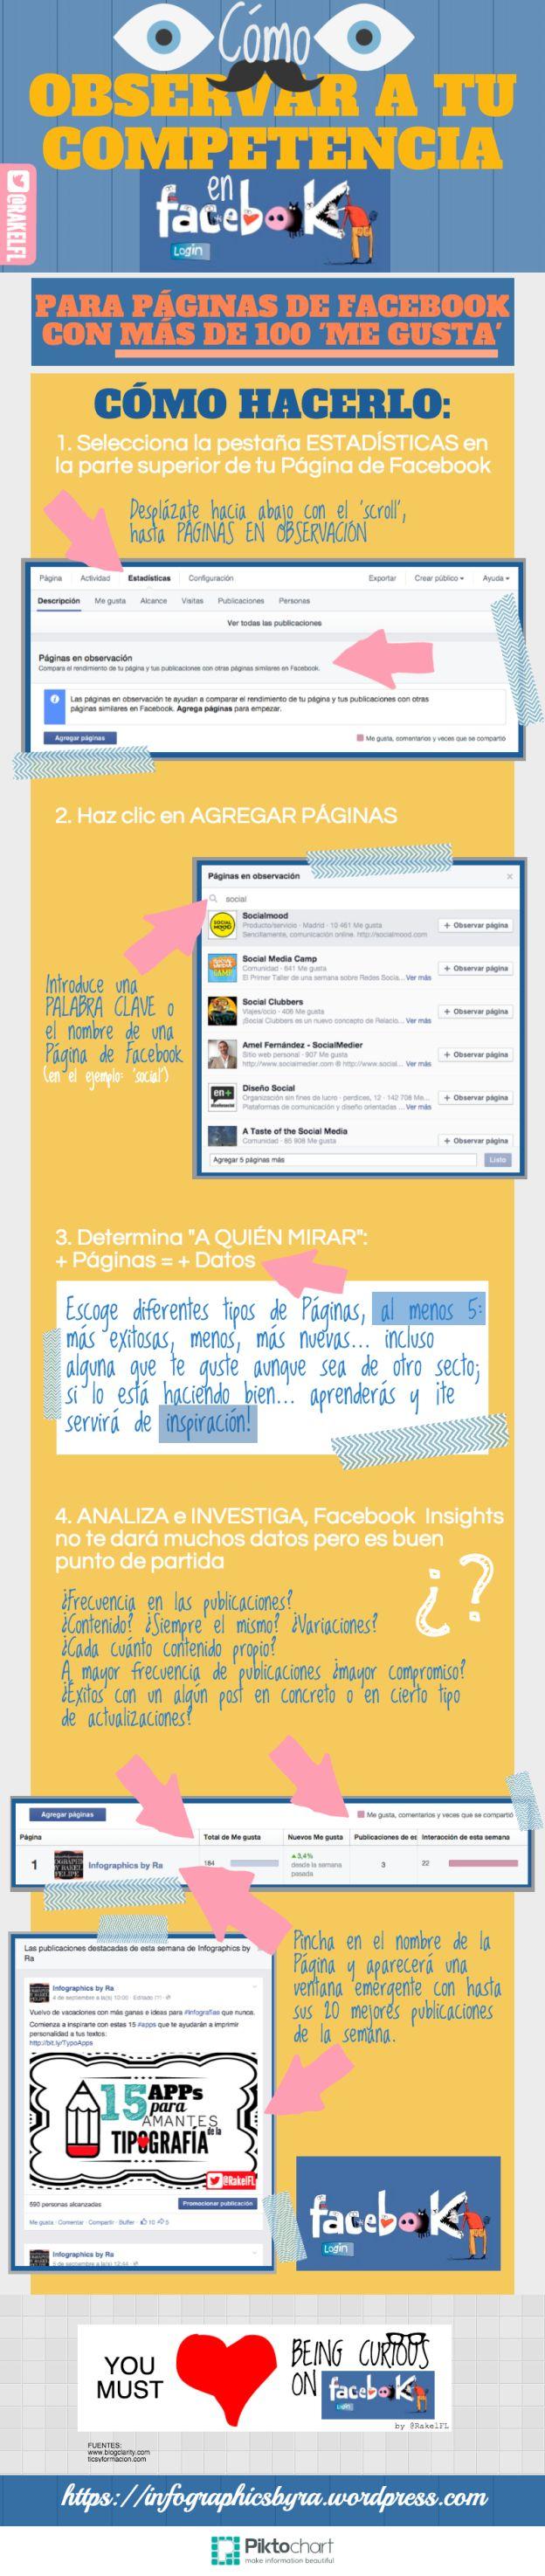 Cómo observar a tu competencia en Facebook, infografía de Rakel Felipe